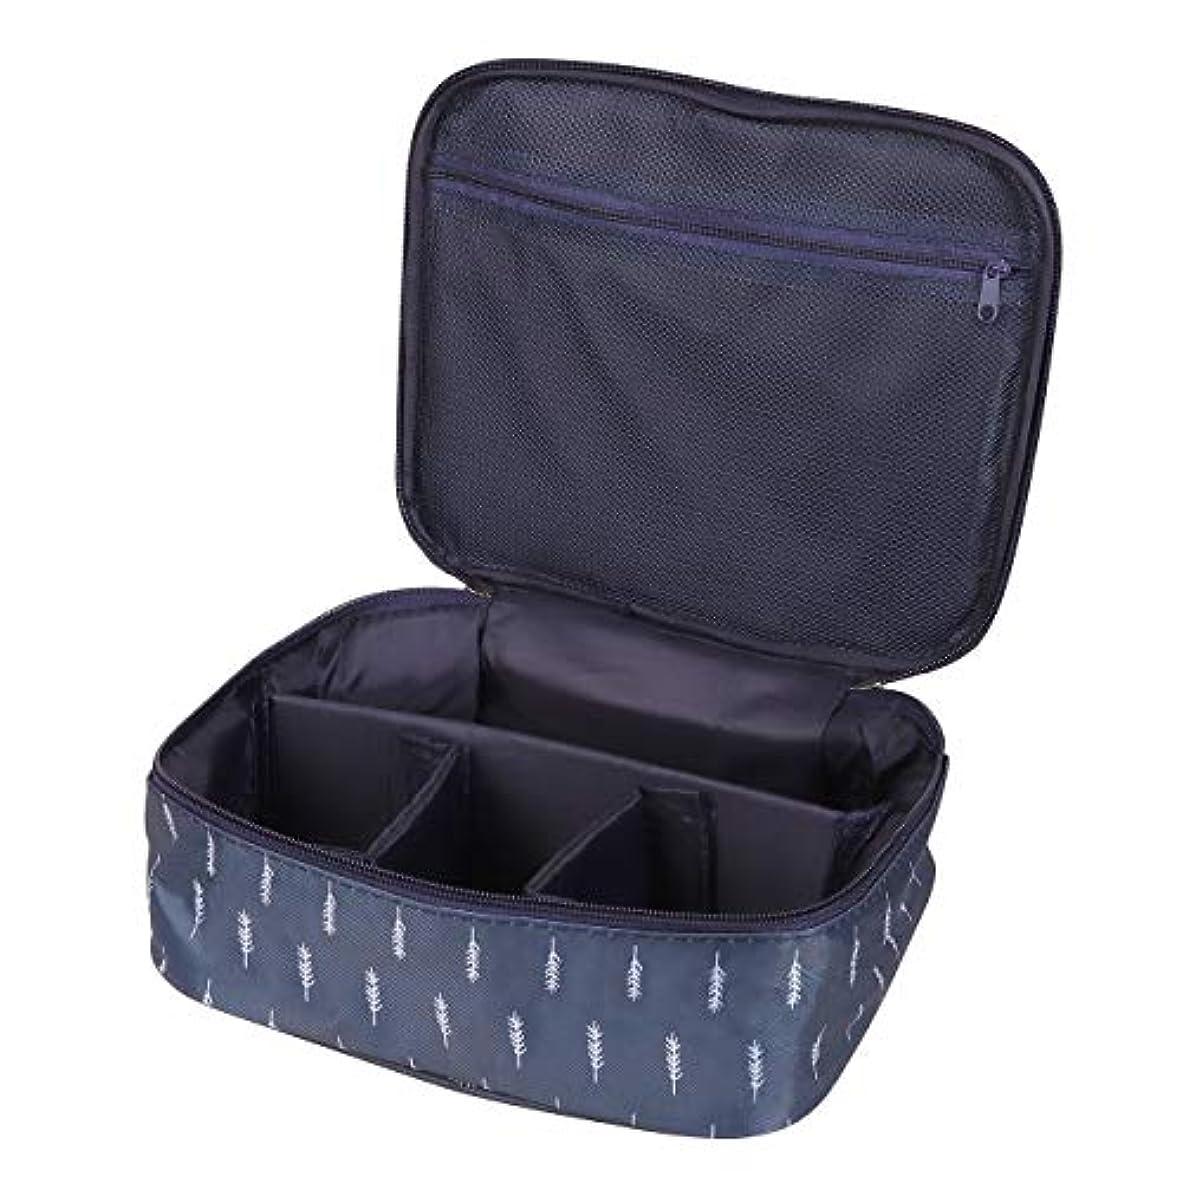 [CAWKAY] メイクボックス 旅行用化粧ケース コスメ バッグ ボックス トラベル化粧ポーチ メイクブラシ 小物入れ 収納